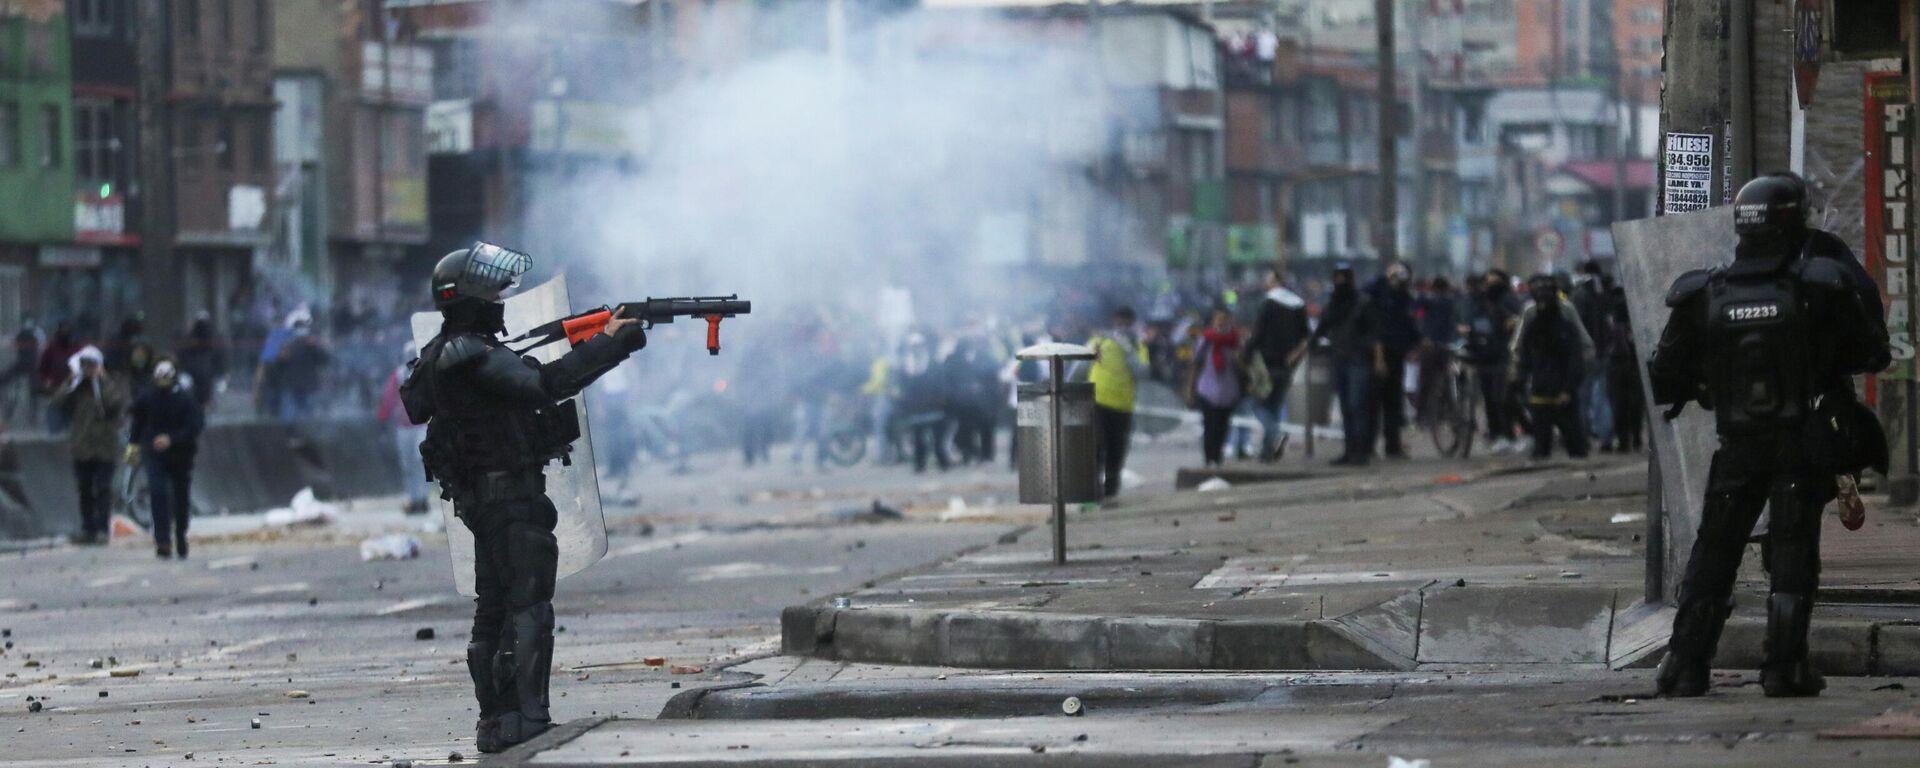 Un efectivo policial de Colombia durante las protestas de abril y mayo de 2021 - Sputnik Mundo, 1920, 04.05.2021